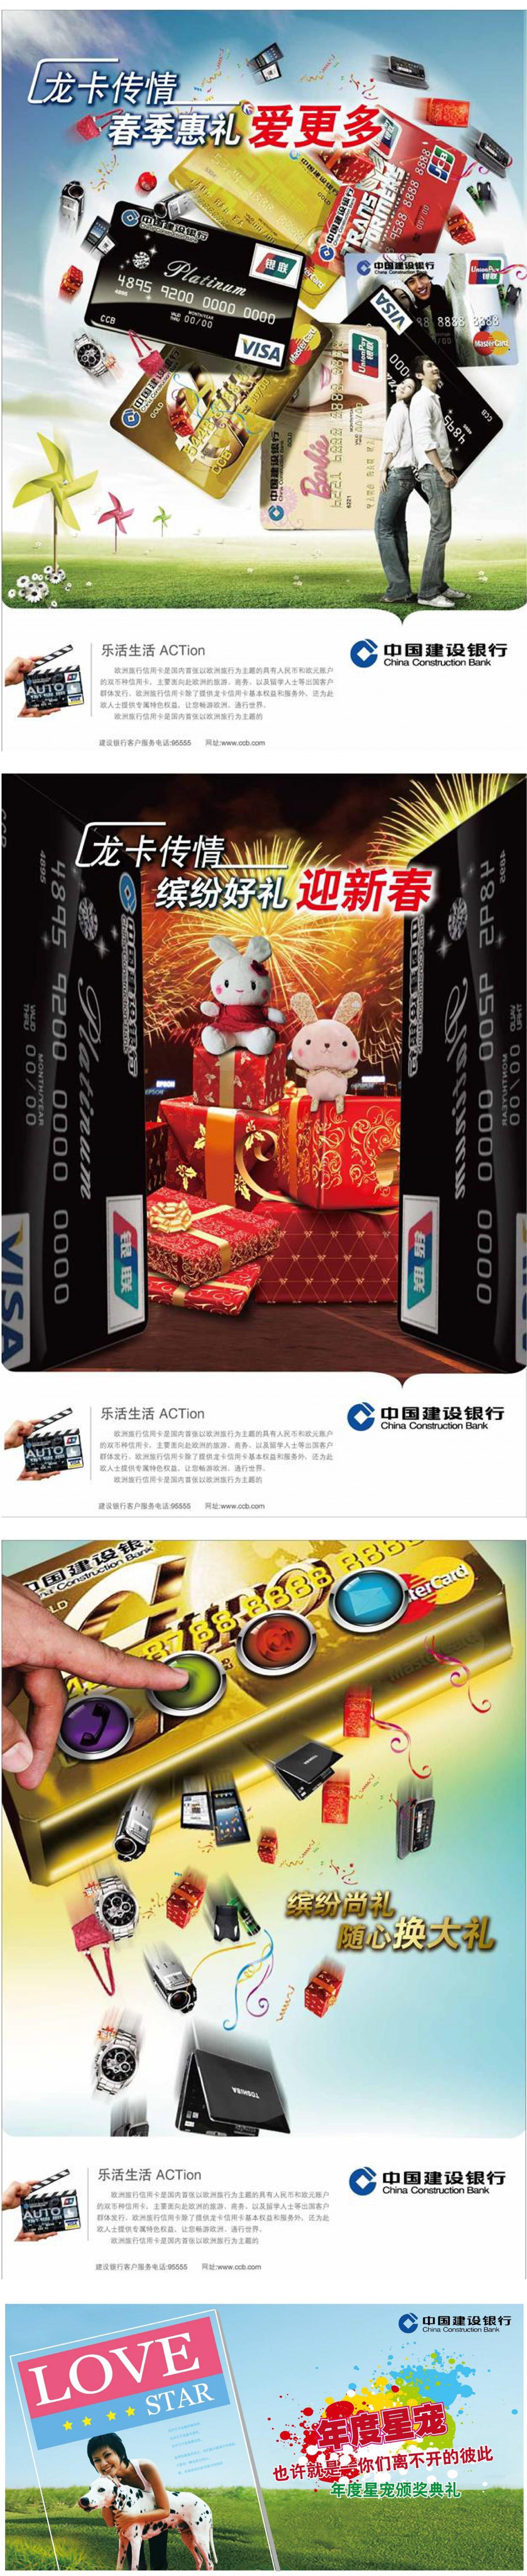 中国建设银行-03